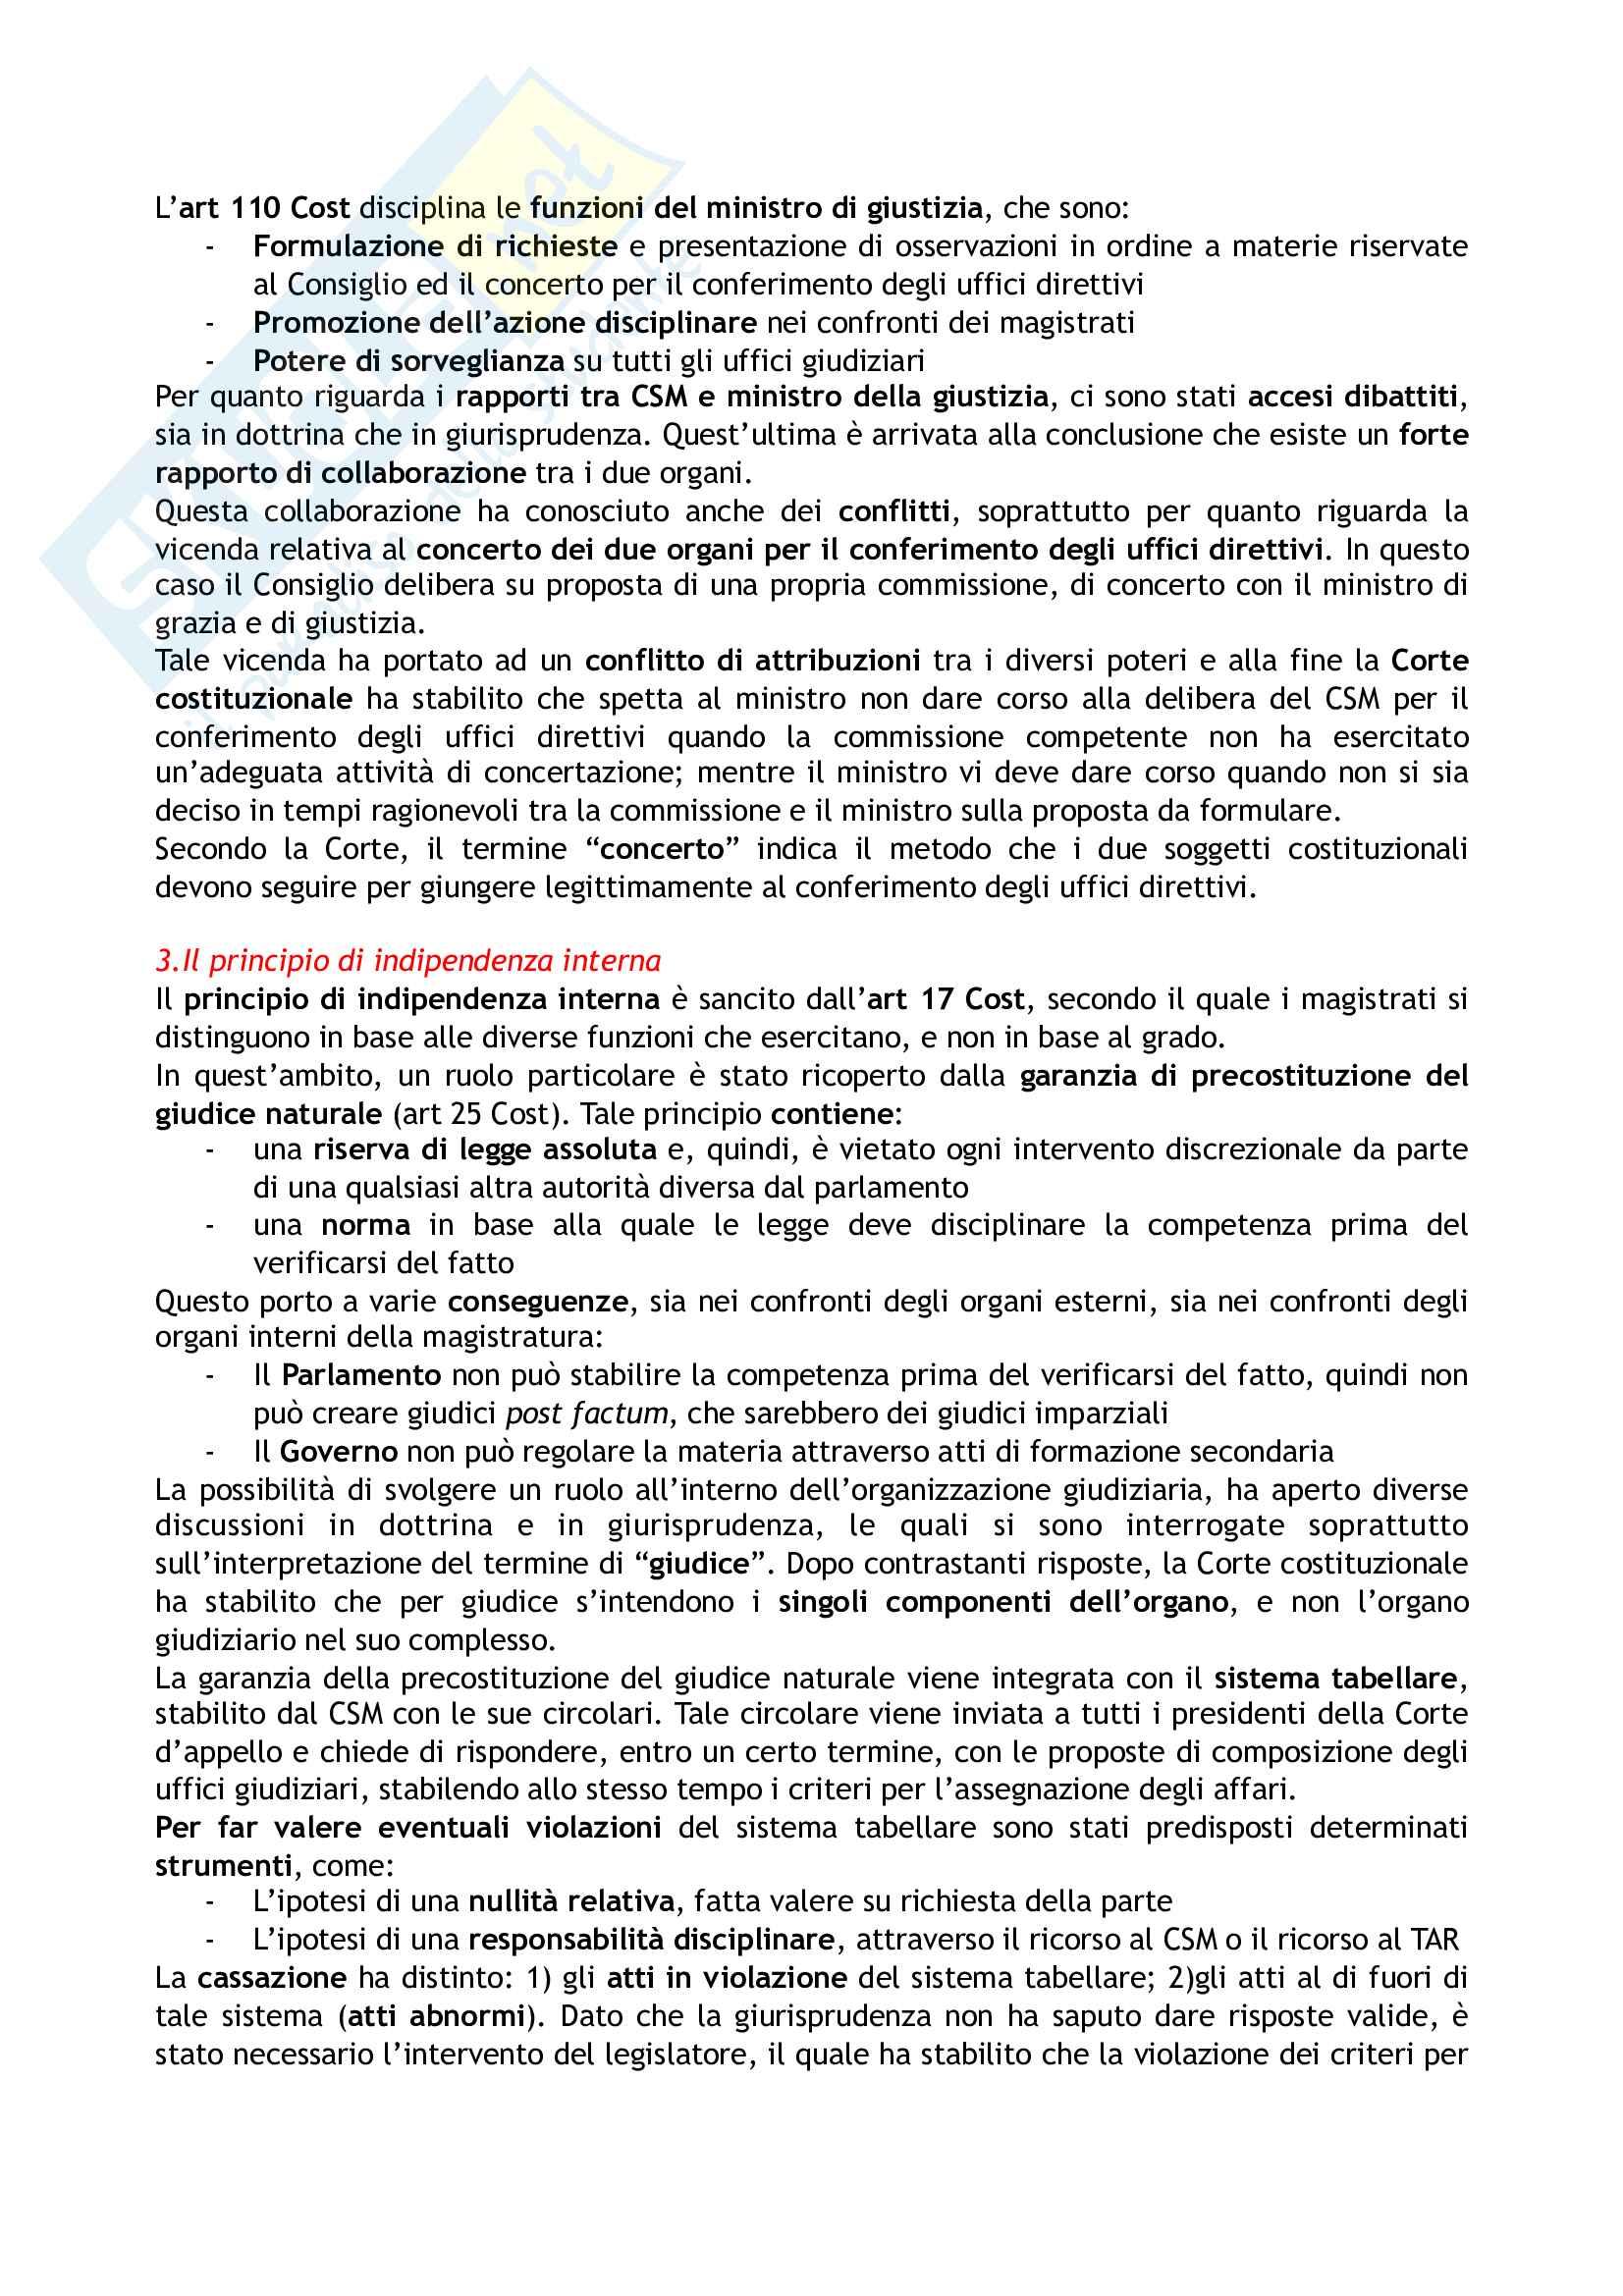 Riassunto esame Diritto costituzionale, prof. Tartaglia Polcini, libro consigliato Manuale di diritto costituzionale italiano ed europeo, Romboli Pag. 21